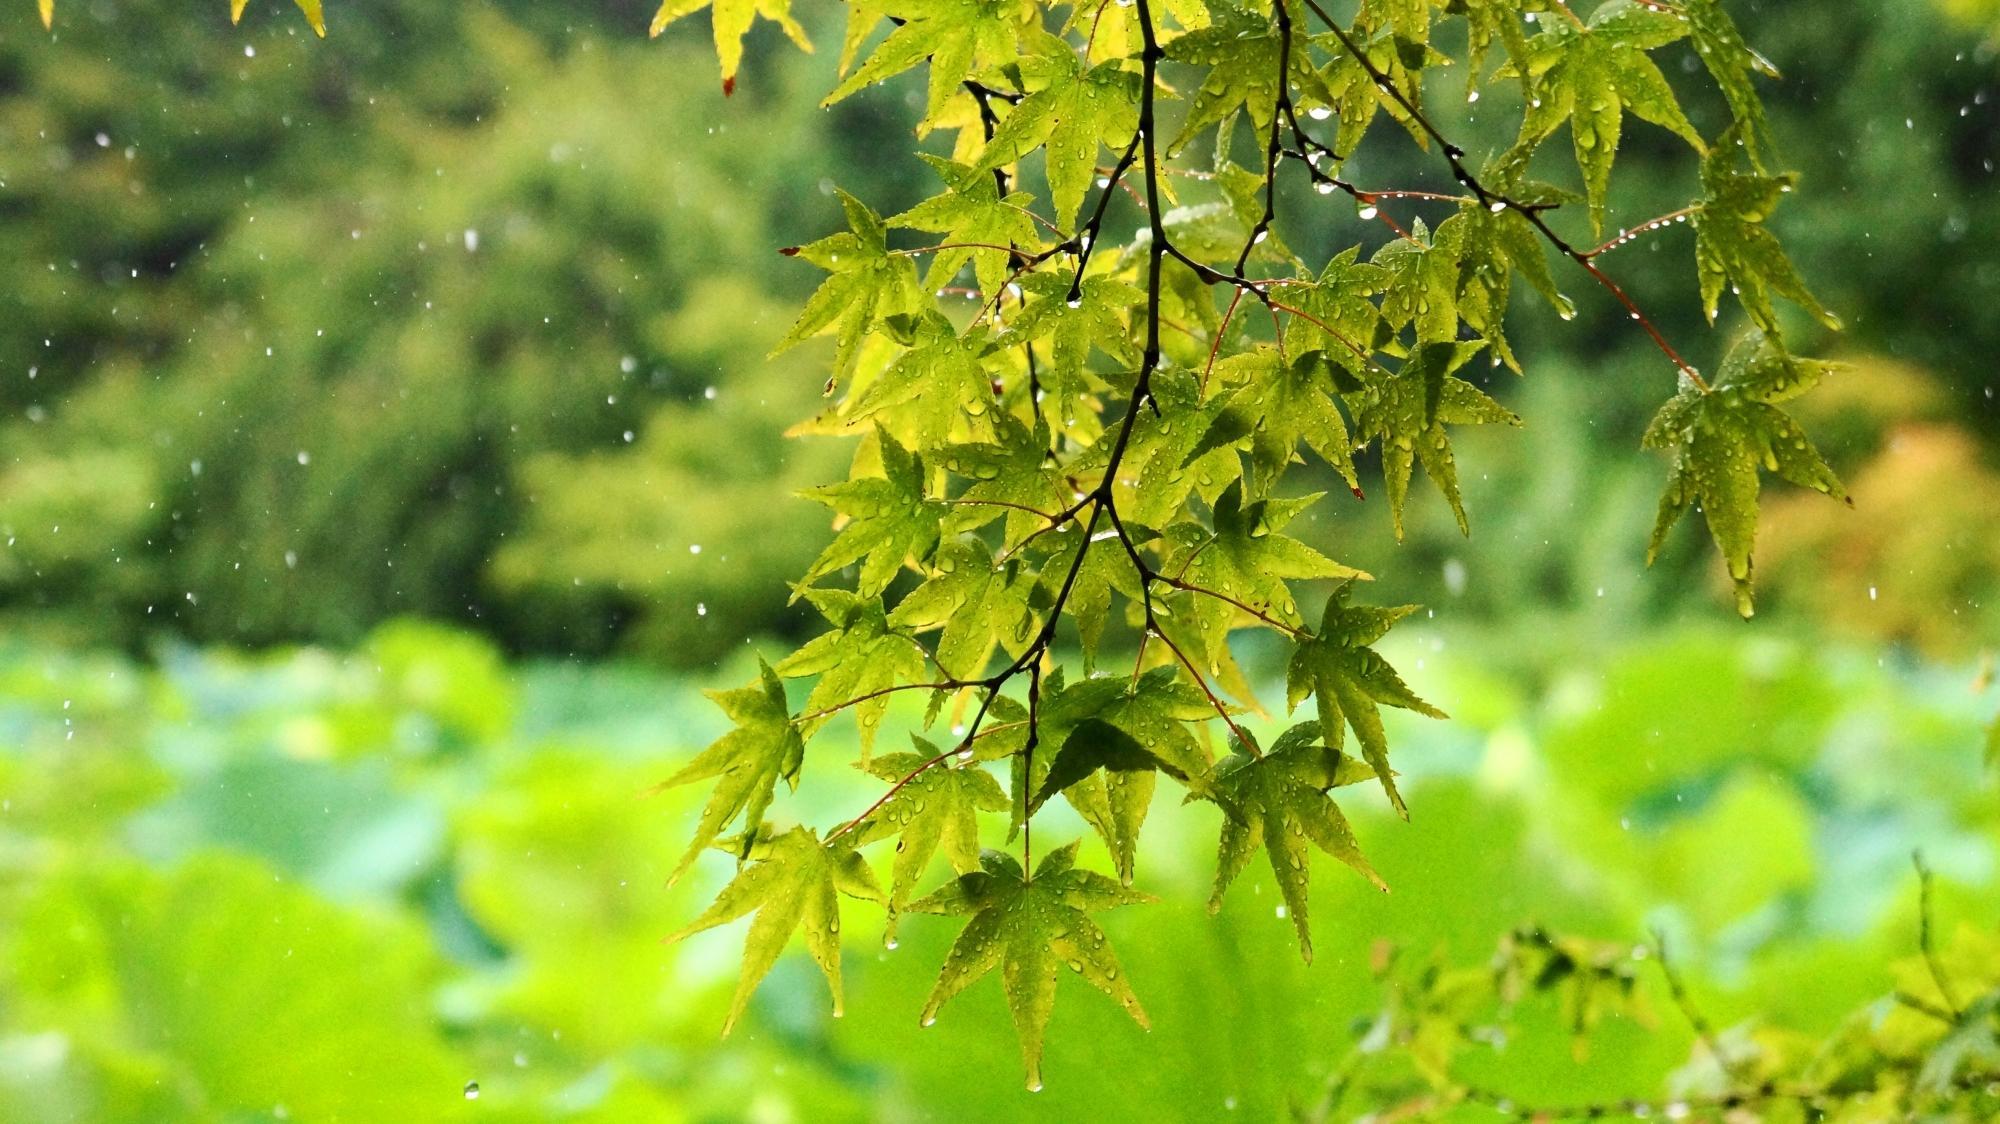 法金剛院の雨水に打たれる夏の青もみじ